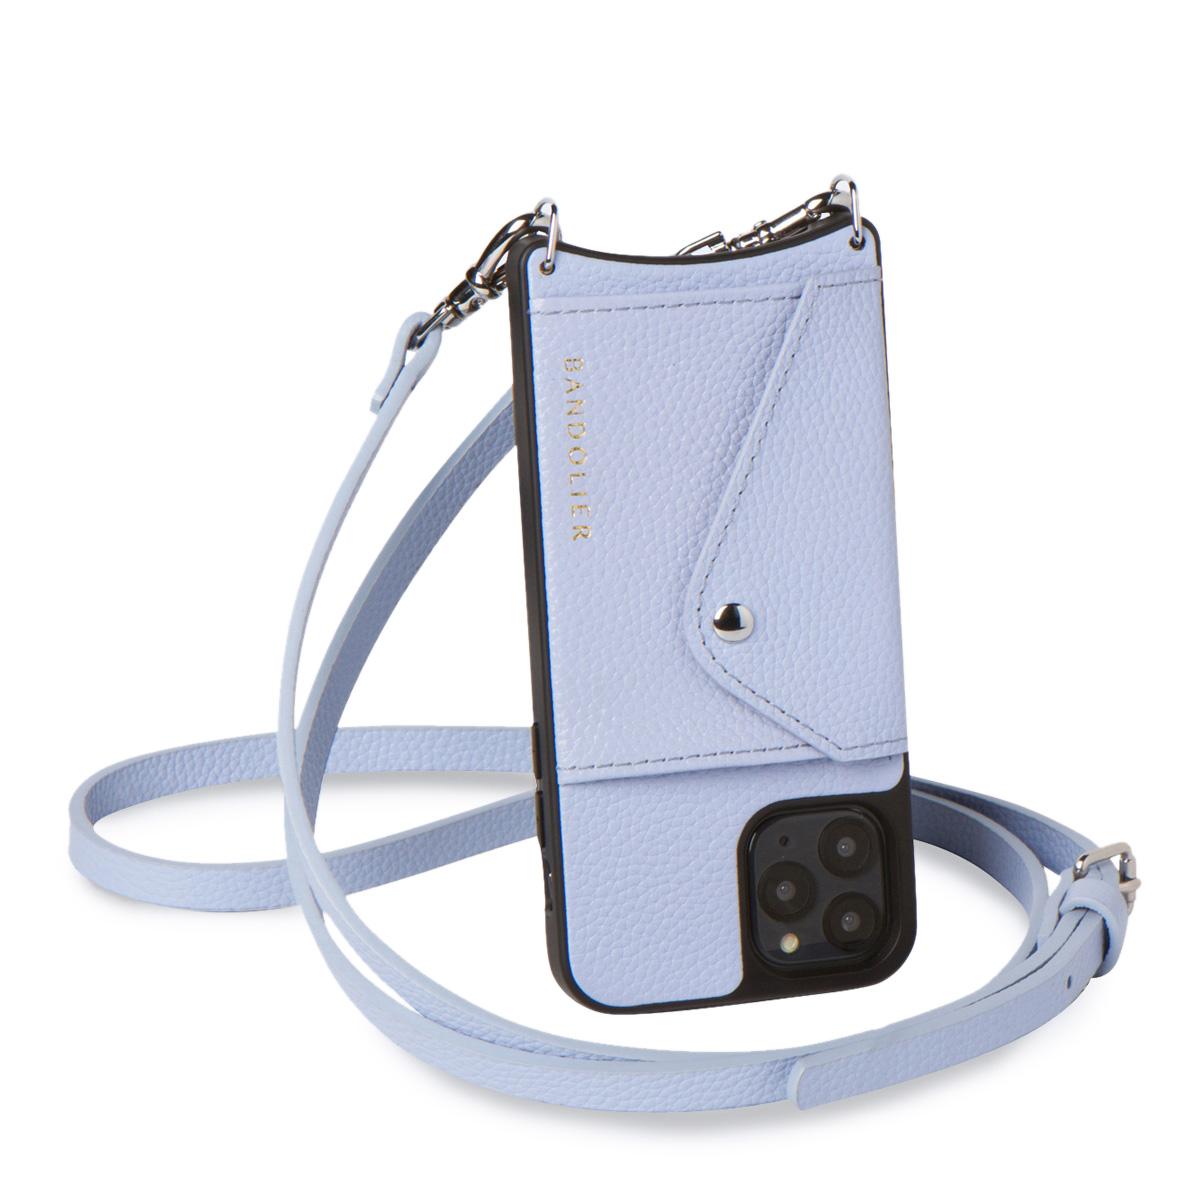 BANDOLIER DONNA バンドリヤー iPhone11 ケース スマホ 携帯 ショルダー アイフォン ドナー メンズ レディース ブルー 14DON [5/26 再入荷]